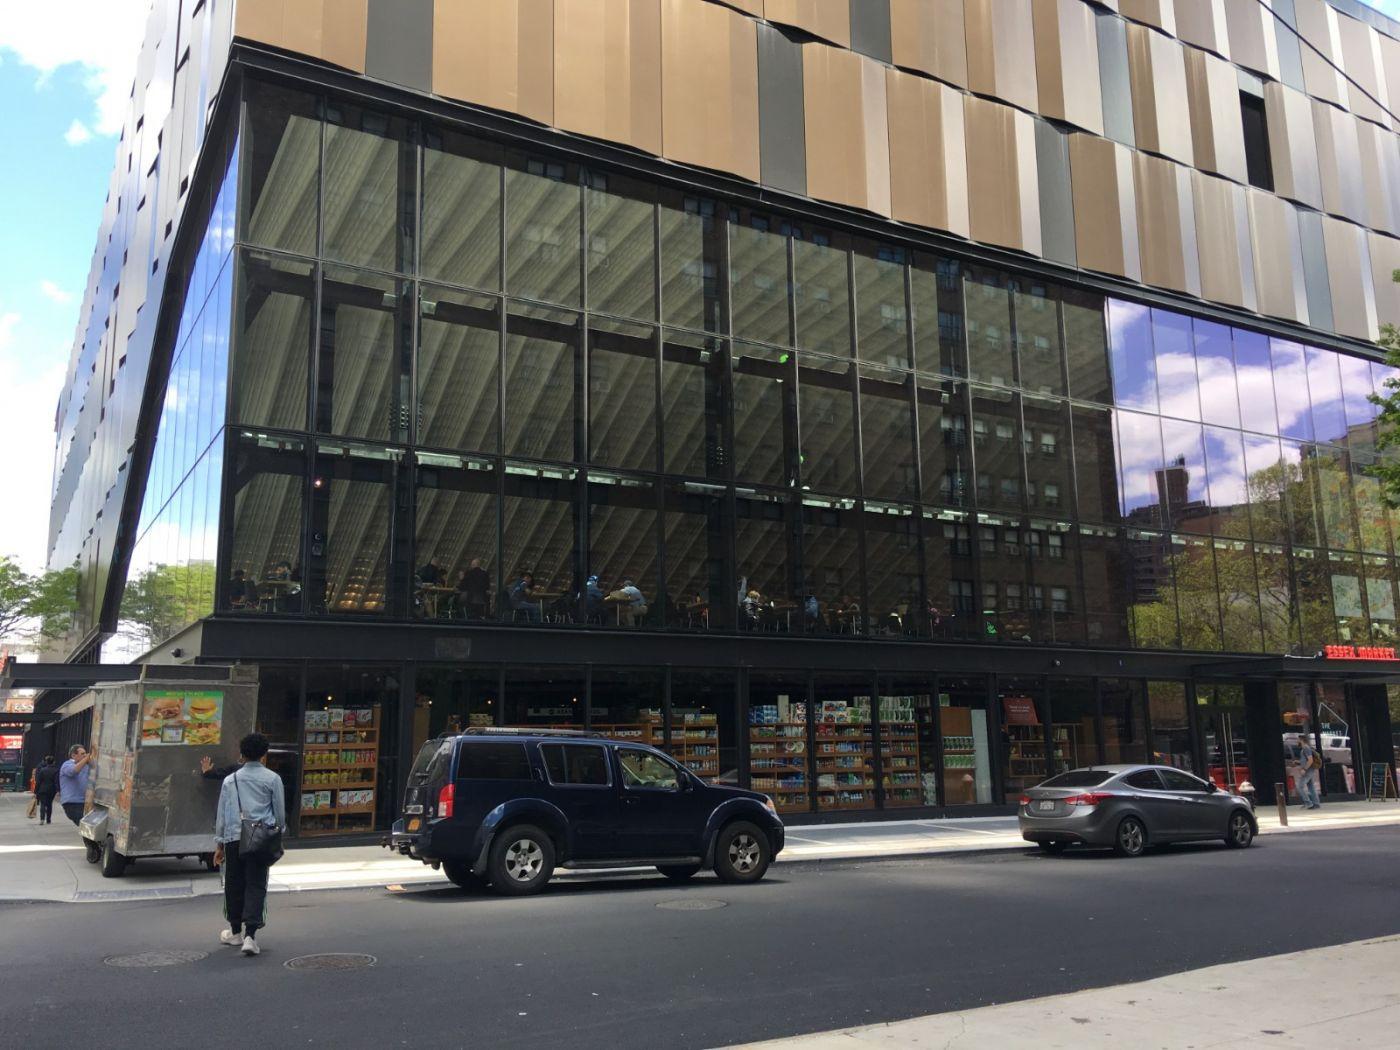 纽约曼哈顿下东城艾塞克斯街市场开张_图1-16